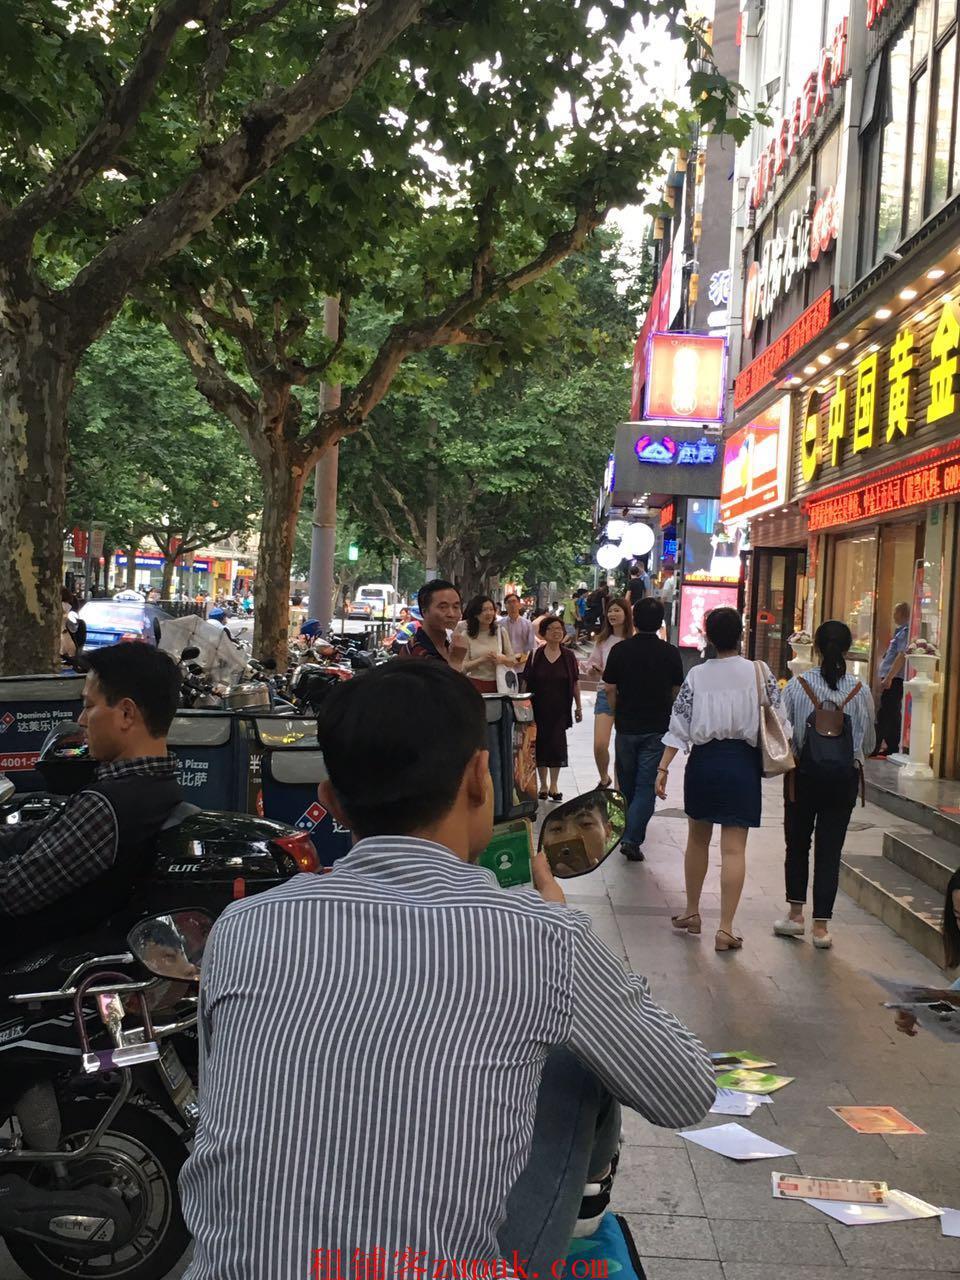 松江九亭大街沿街商铺,业态不限,松江客户无人问津